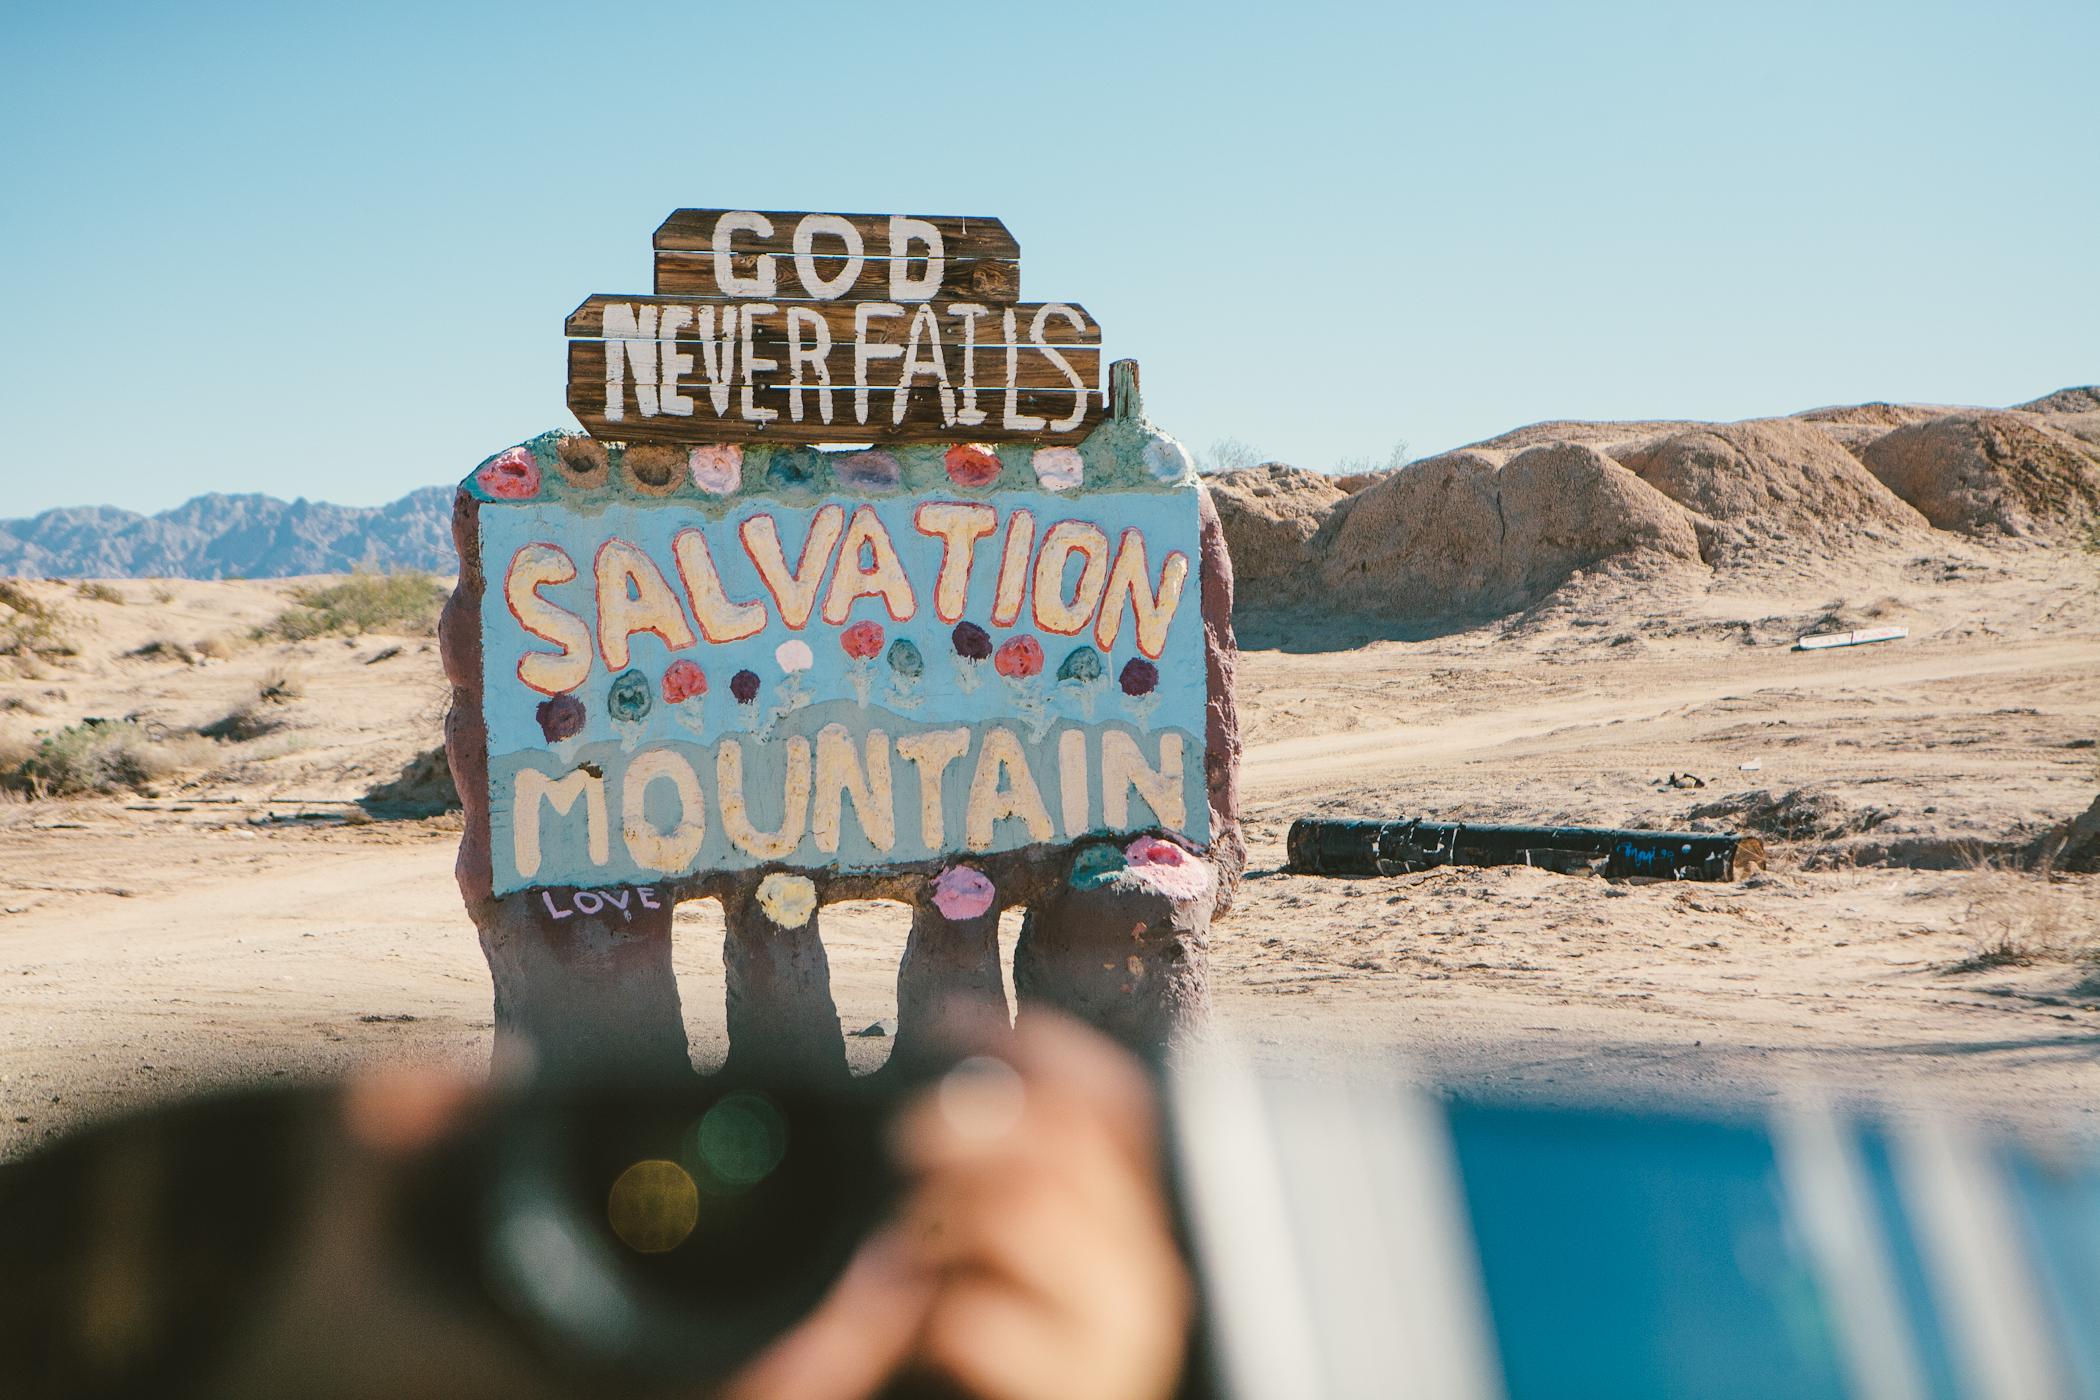 salvation mountain - niland, ca